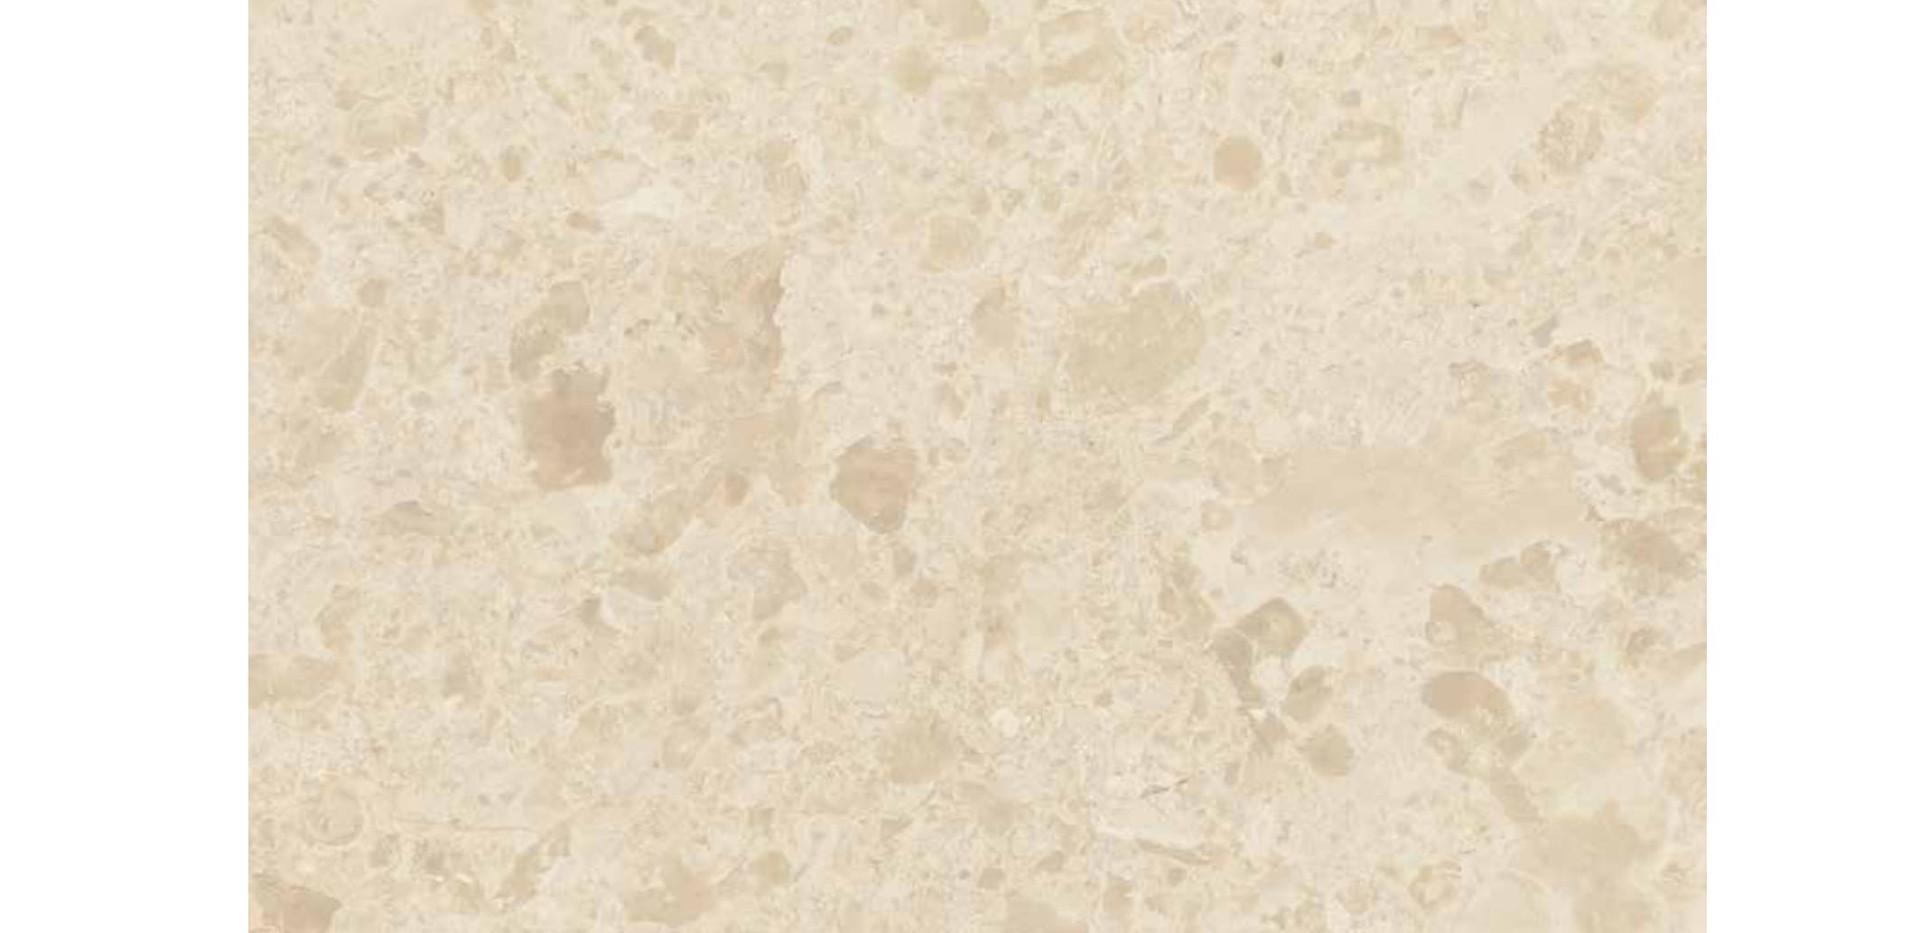 TM Marble-032.jpg